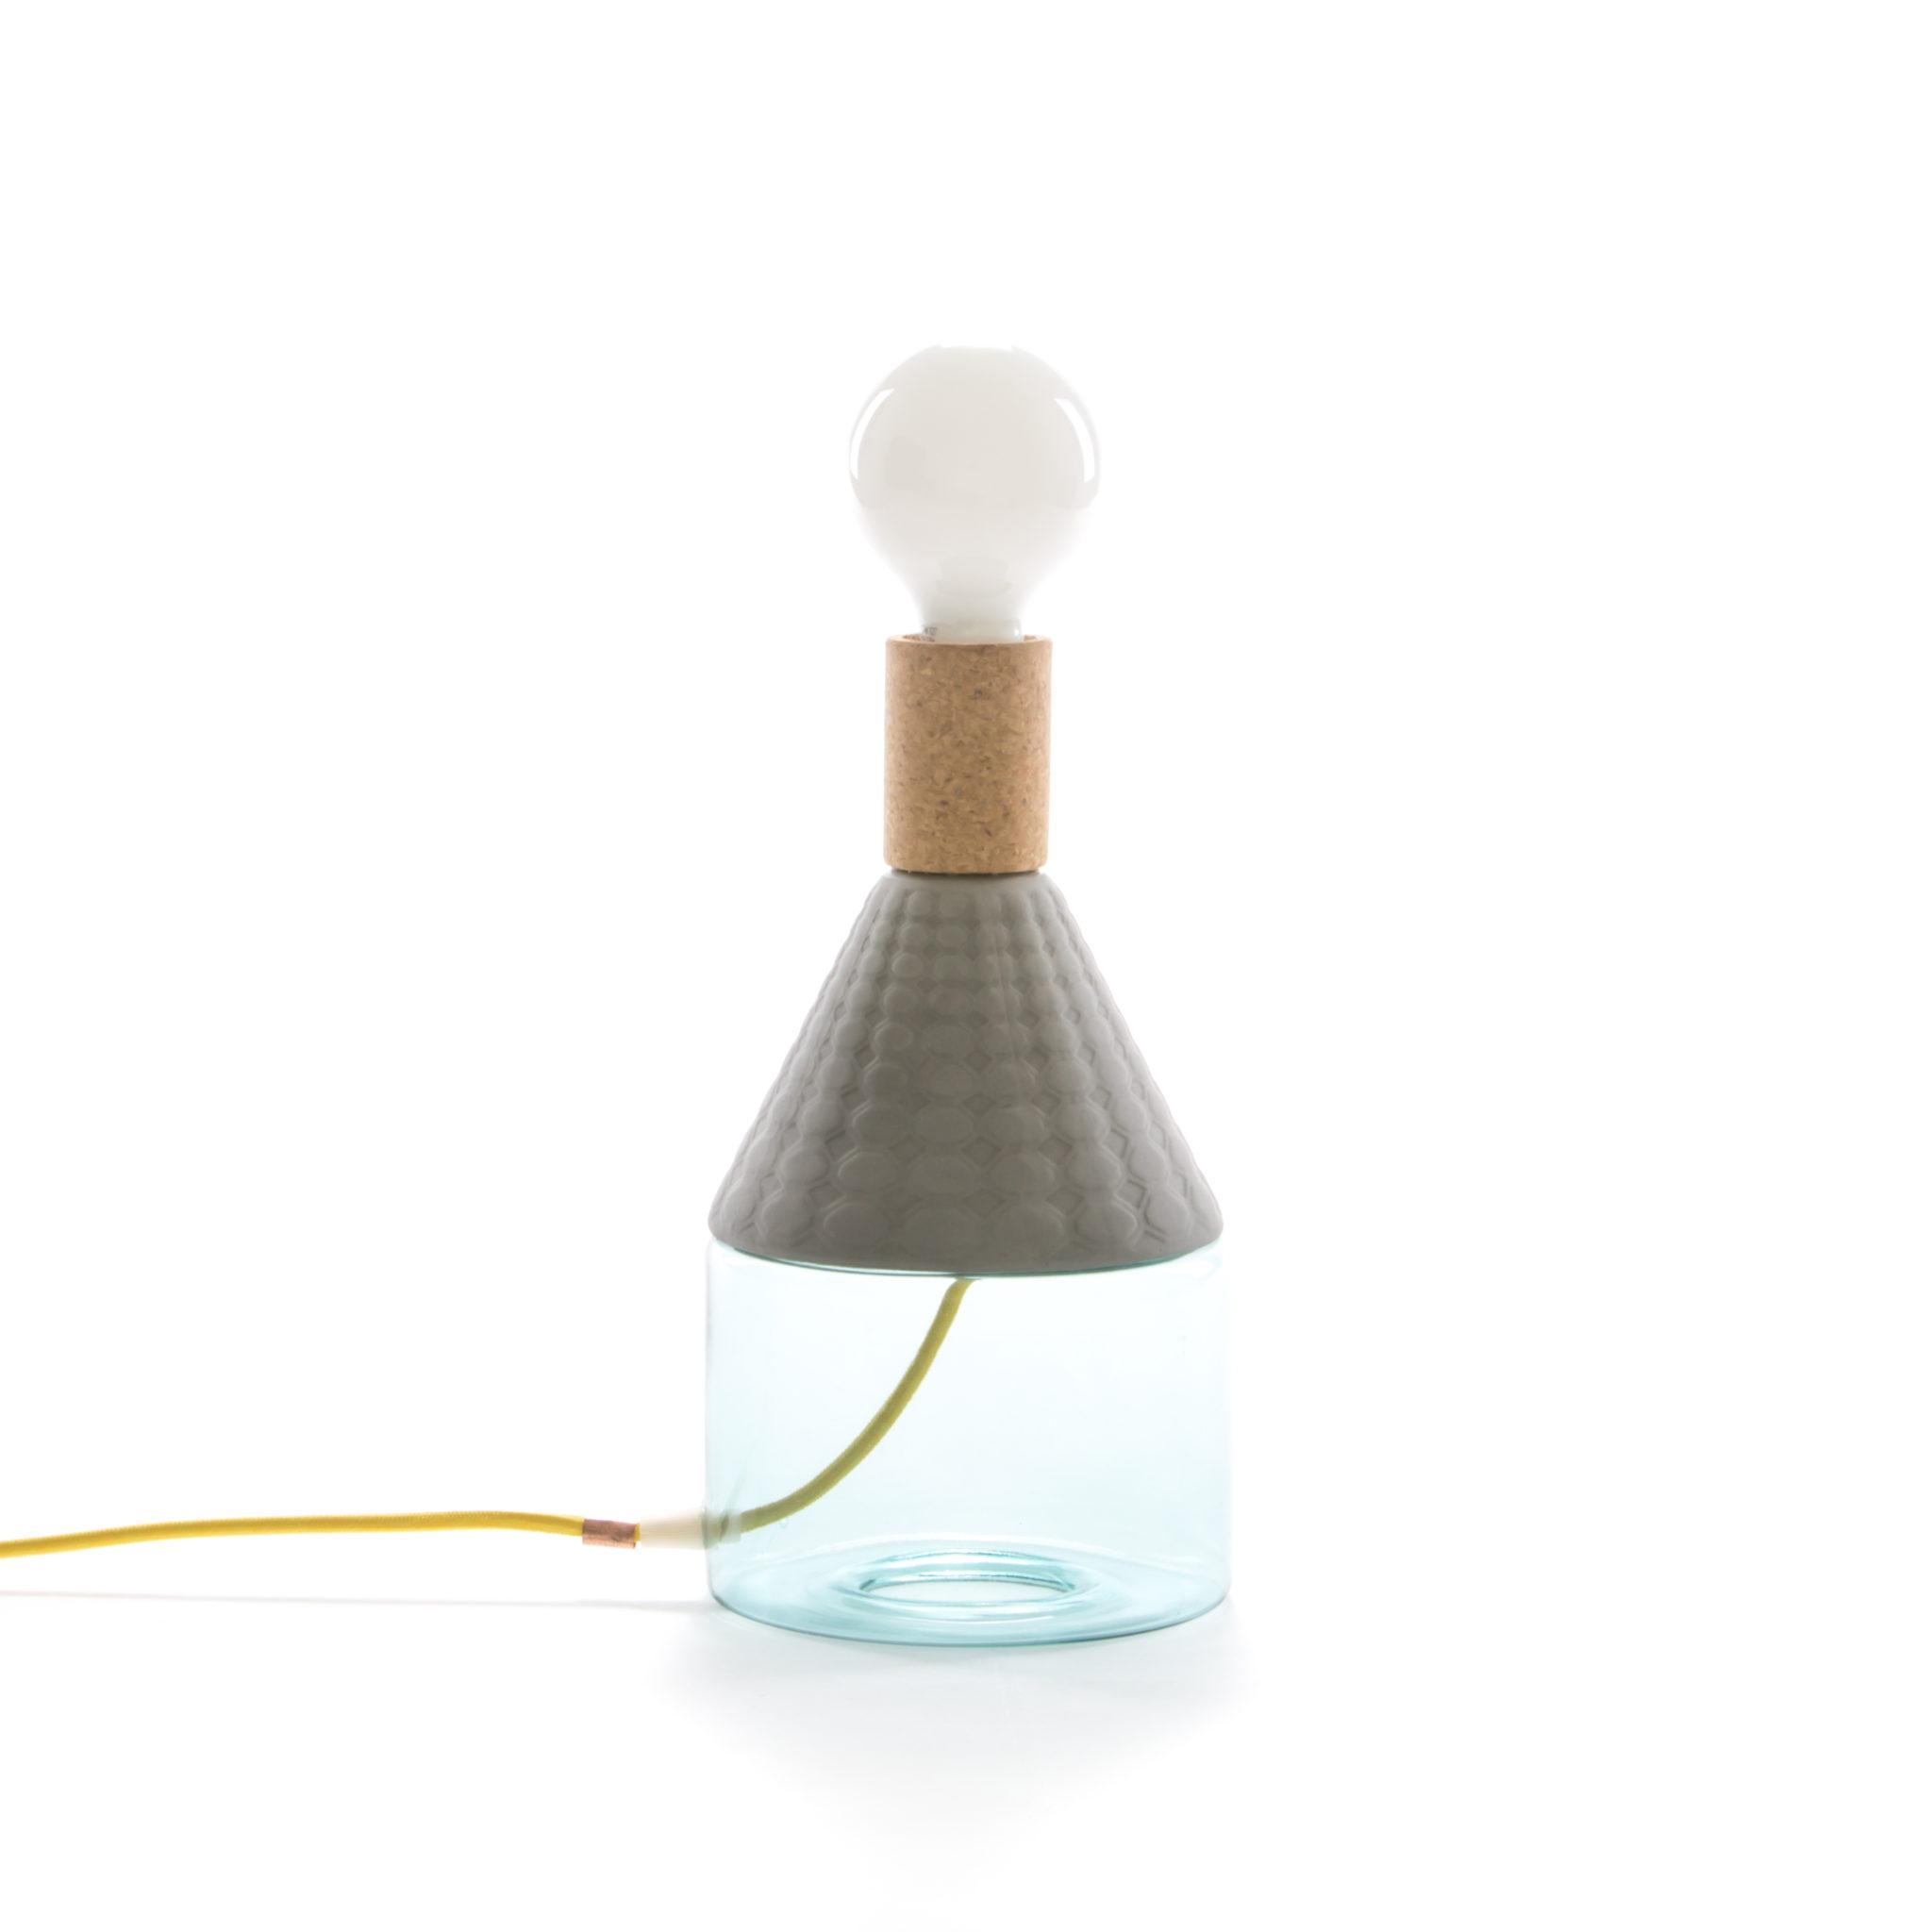 Seletti-Lighting-Mrnd-Table-Lamp-Indoor-07934-1